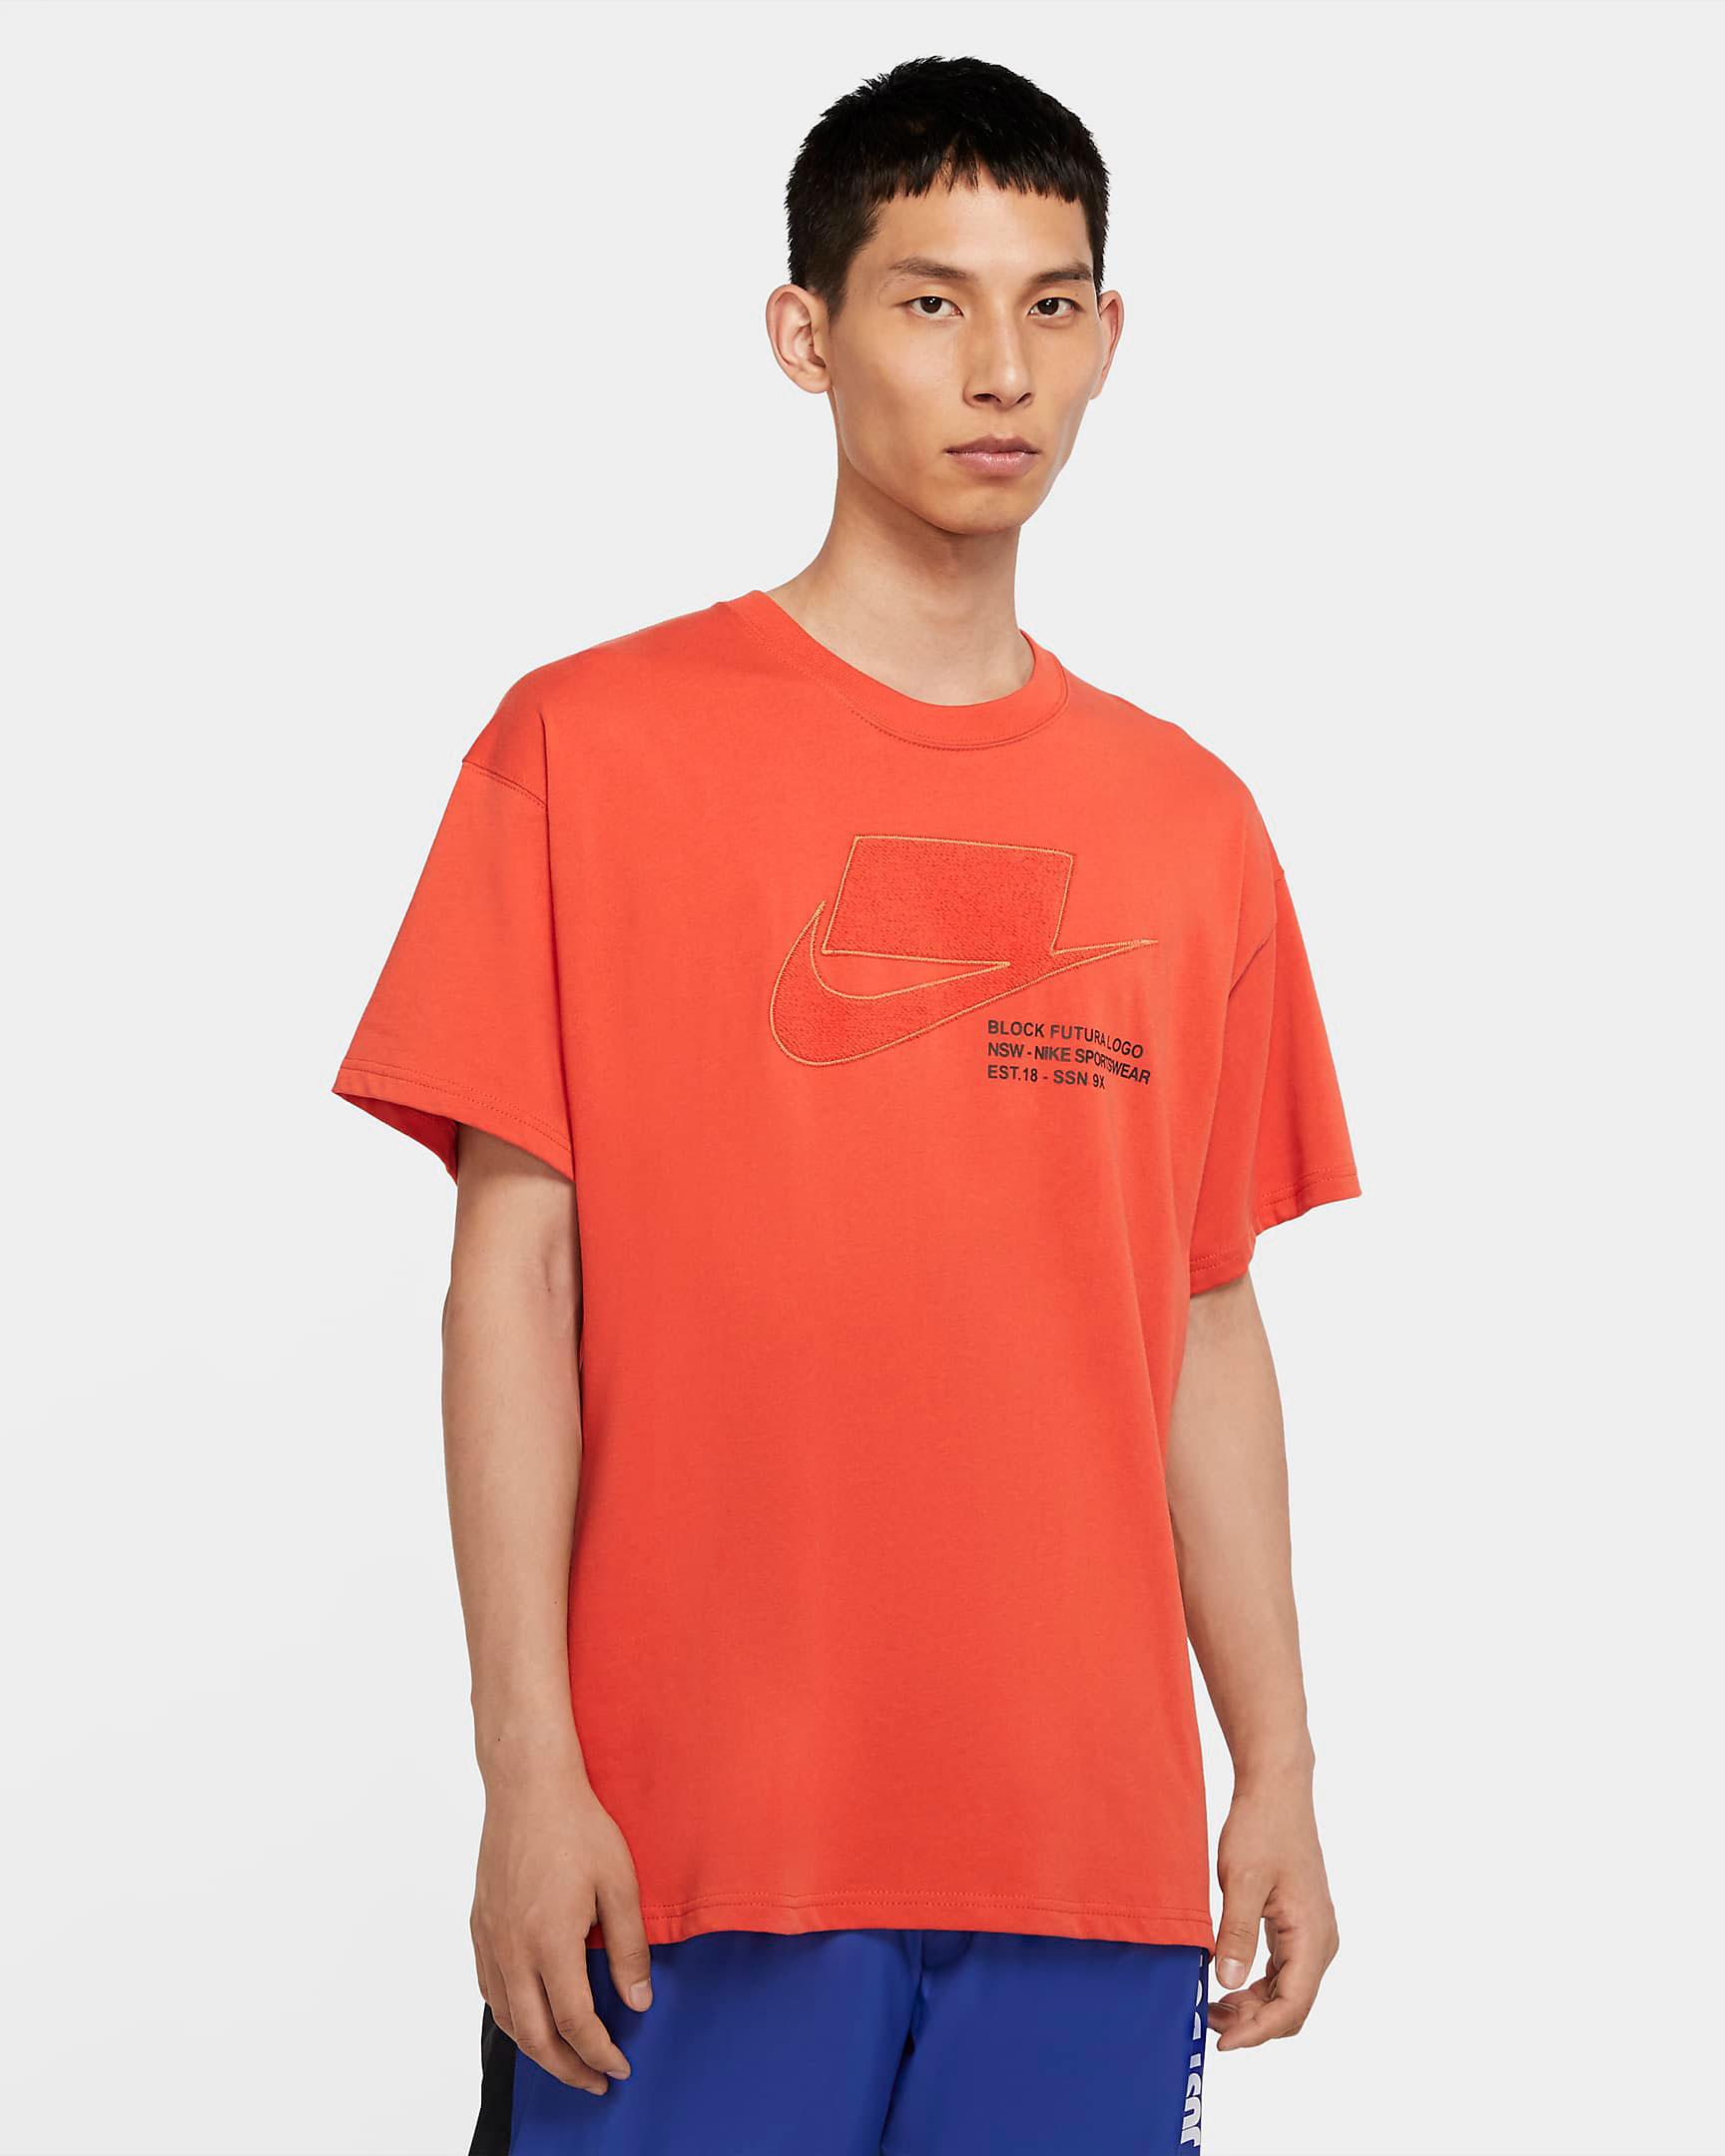 nike-air-force-1-craft-mantra-orange-shirt